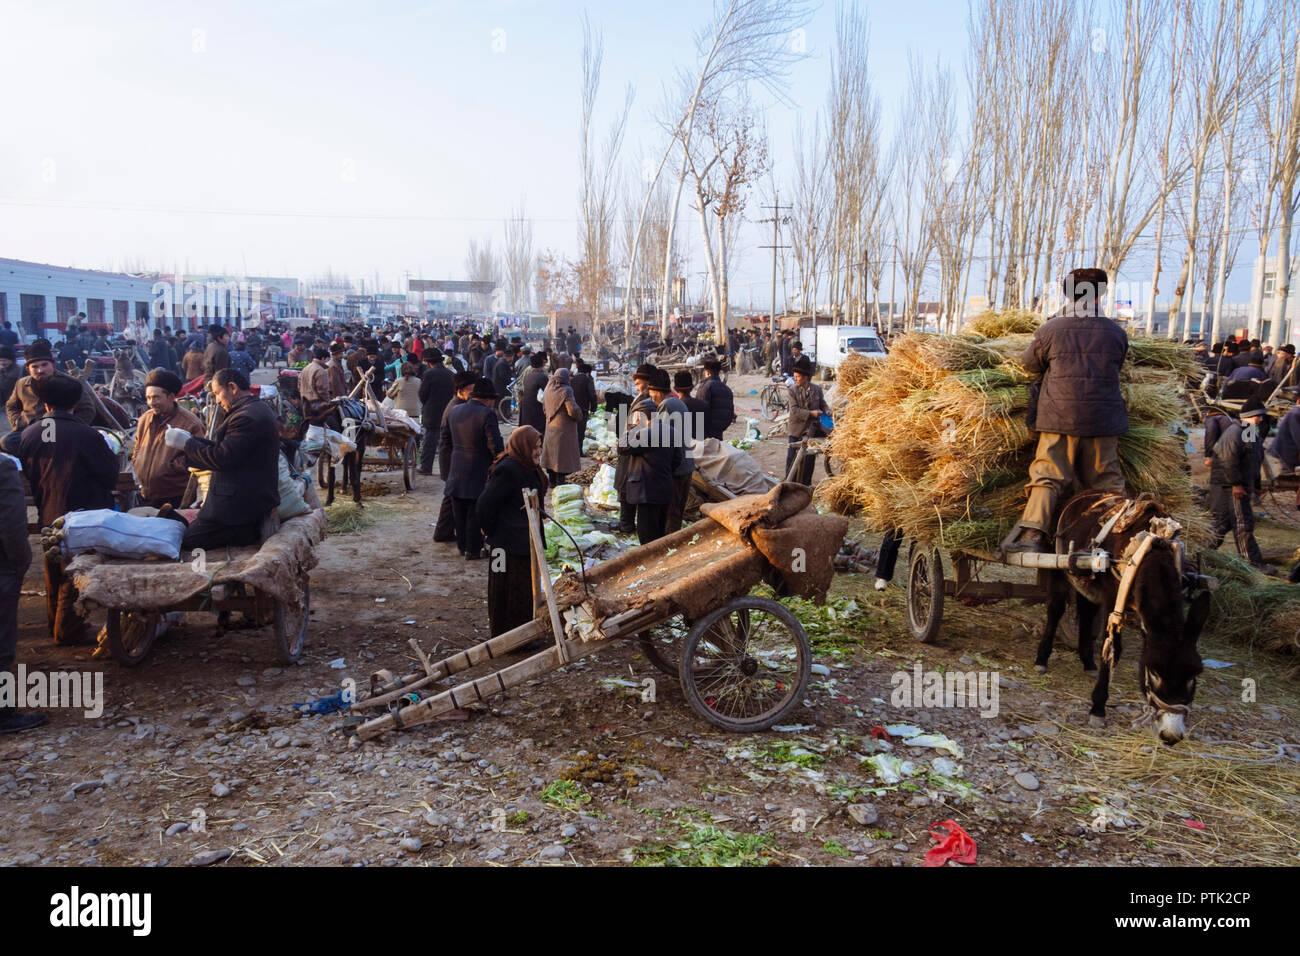 Kashgar, Xinjiang, Chine: Uyghur les gens se rassemblent au mal, le grand bazar du marché du bétail Dimanche de Kashgar. Photo Stock